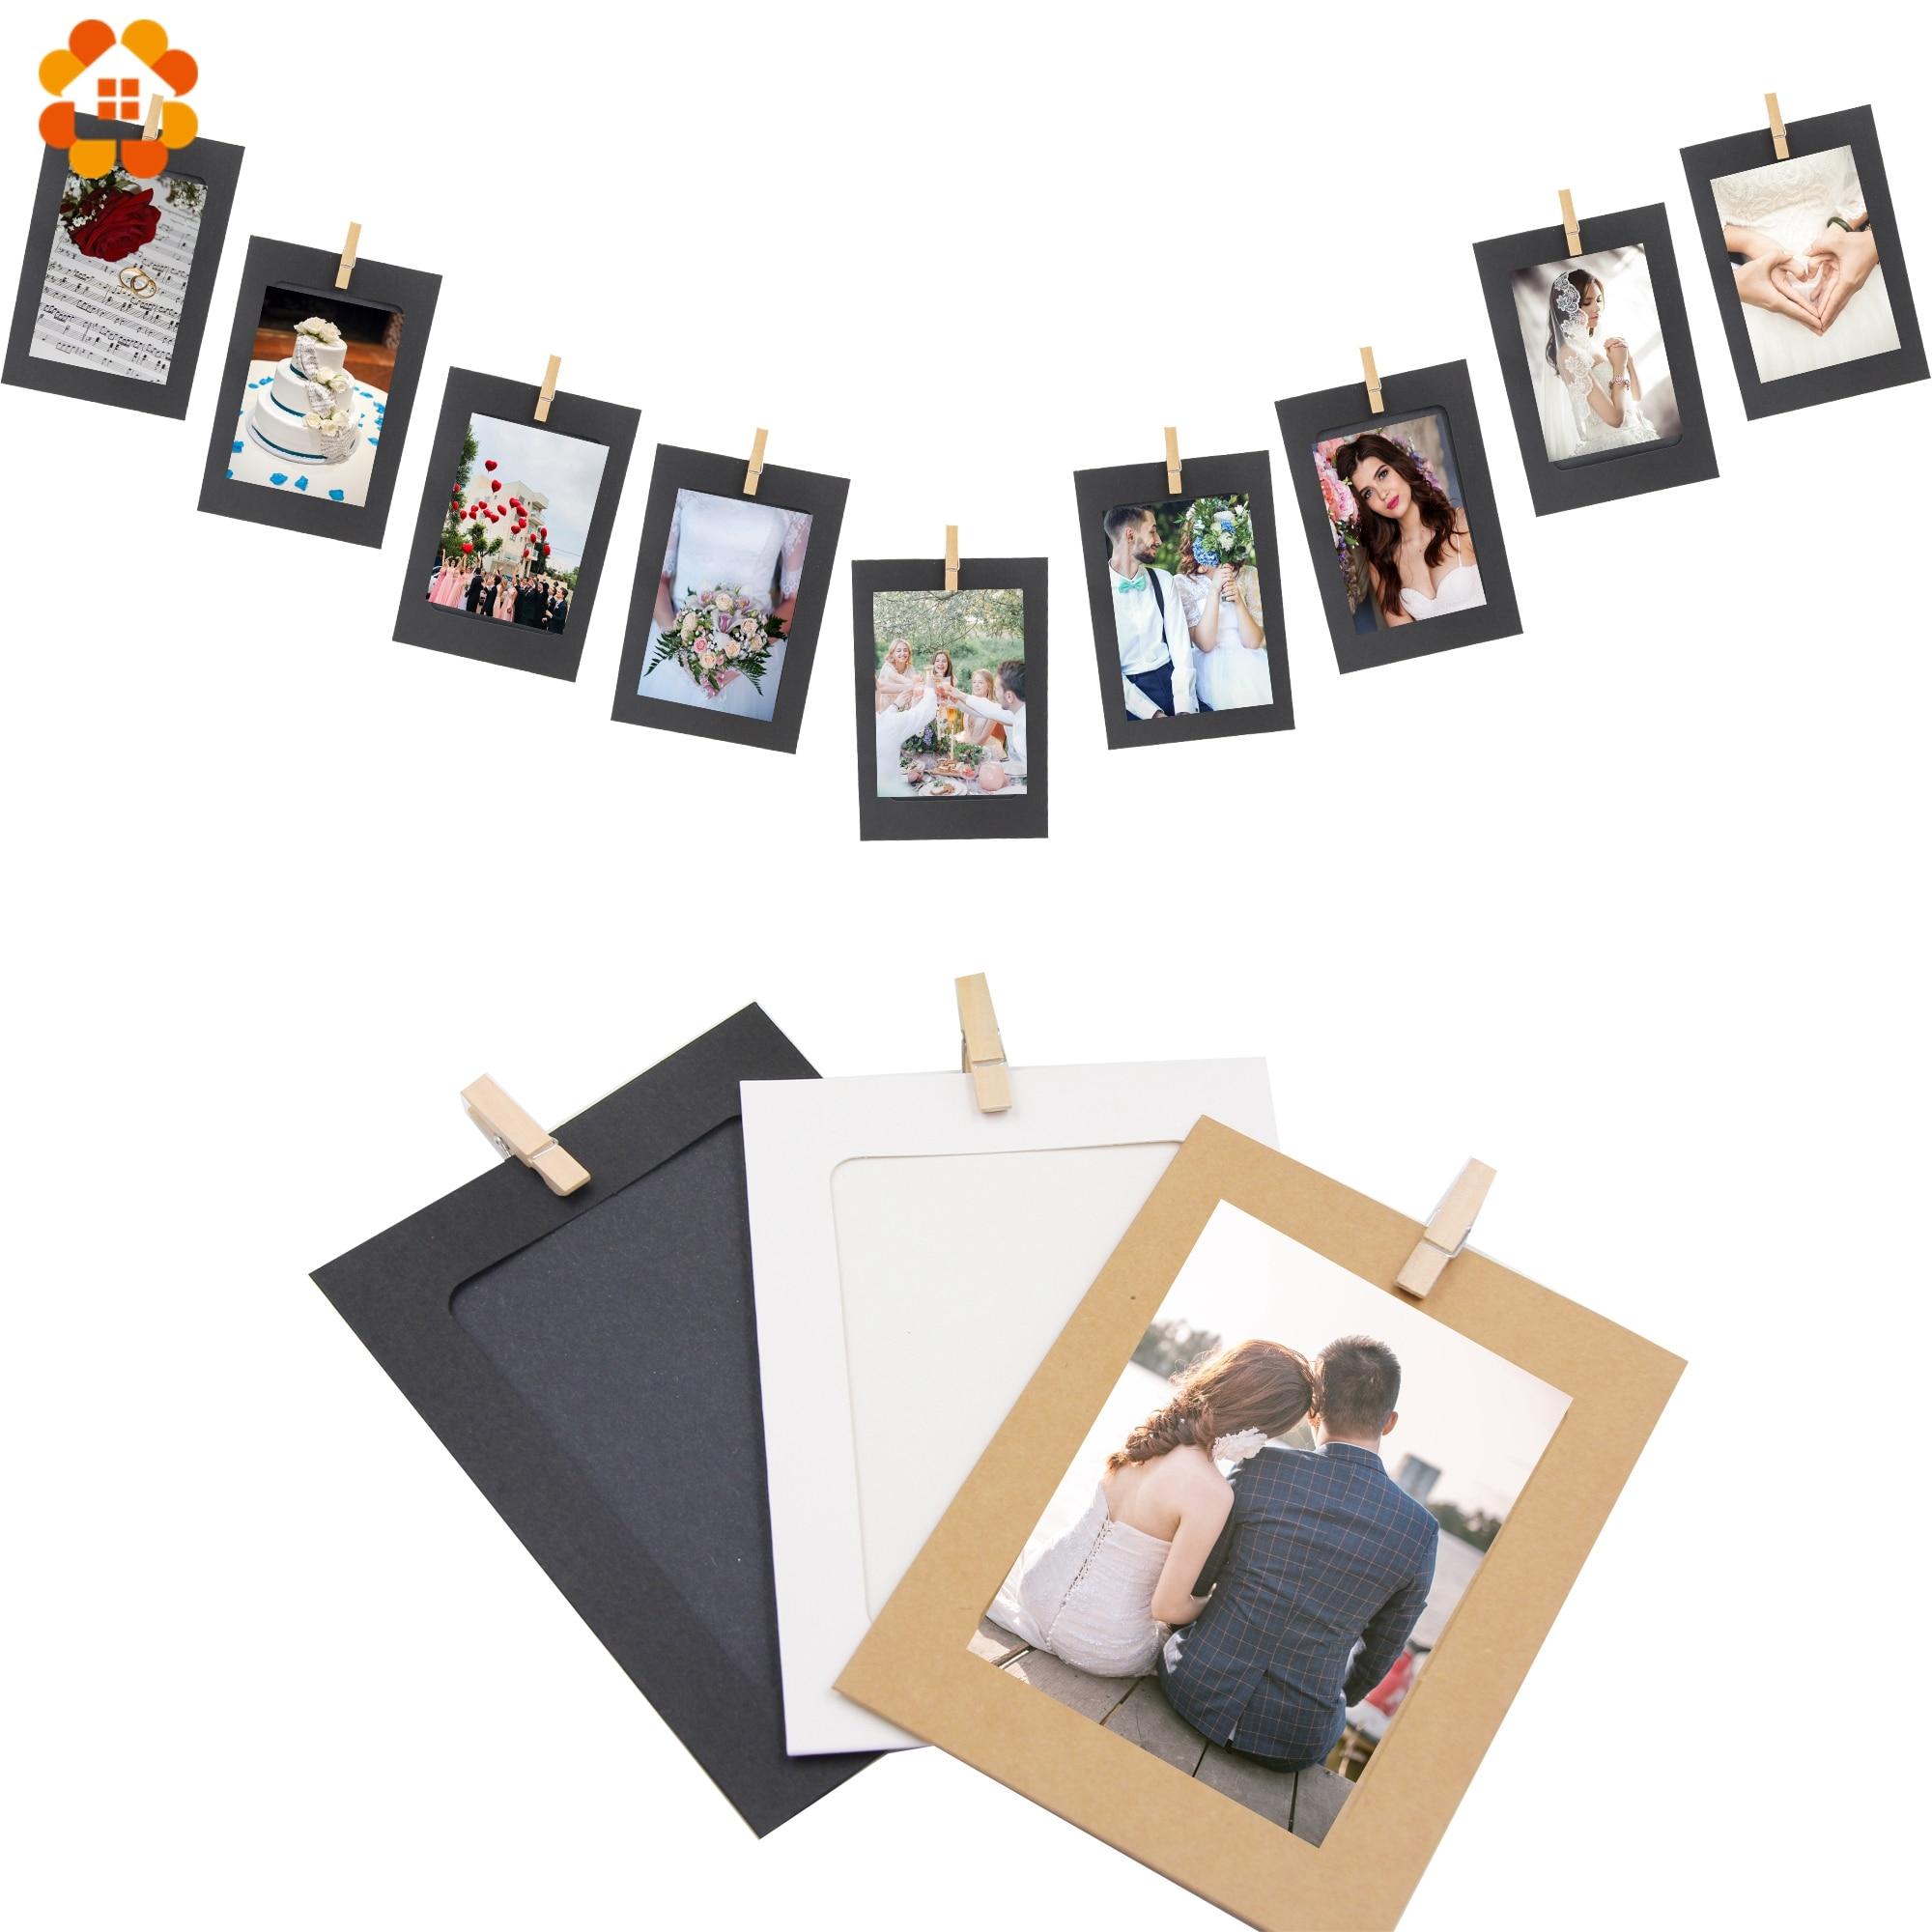 Wunderbar Riesen Polaroid Rahmen Prop Galerie - Rahmen Ideen ...